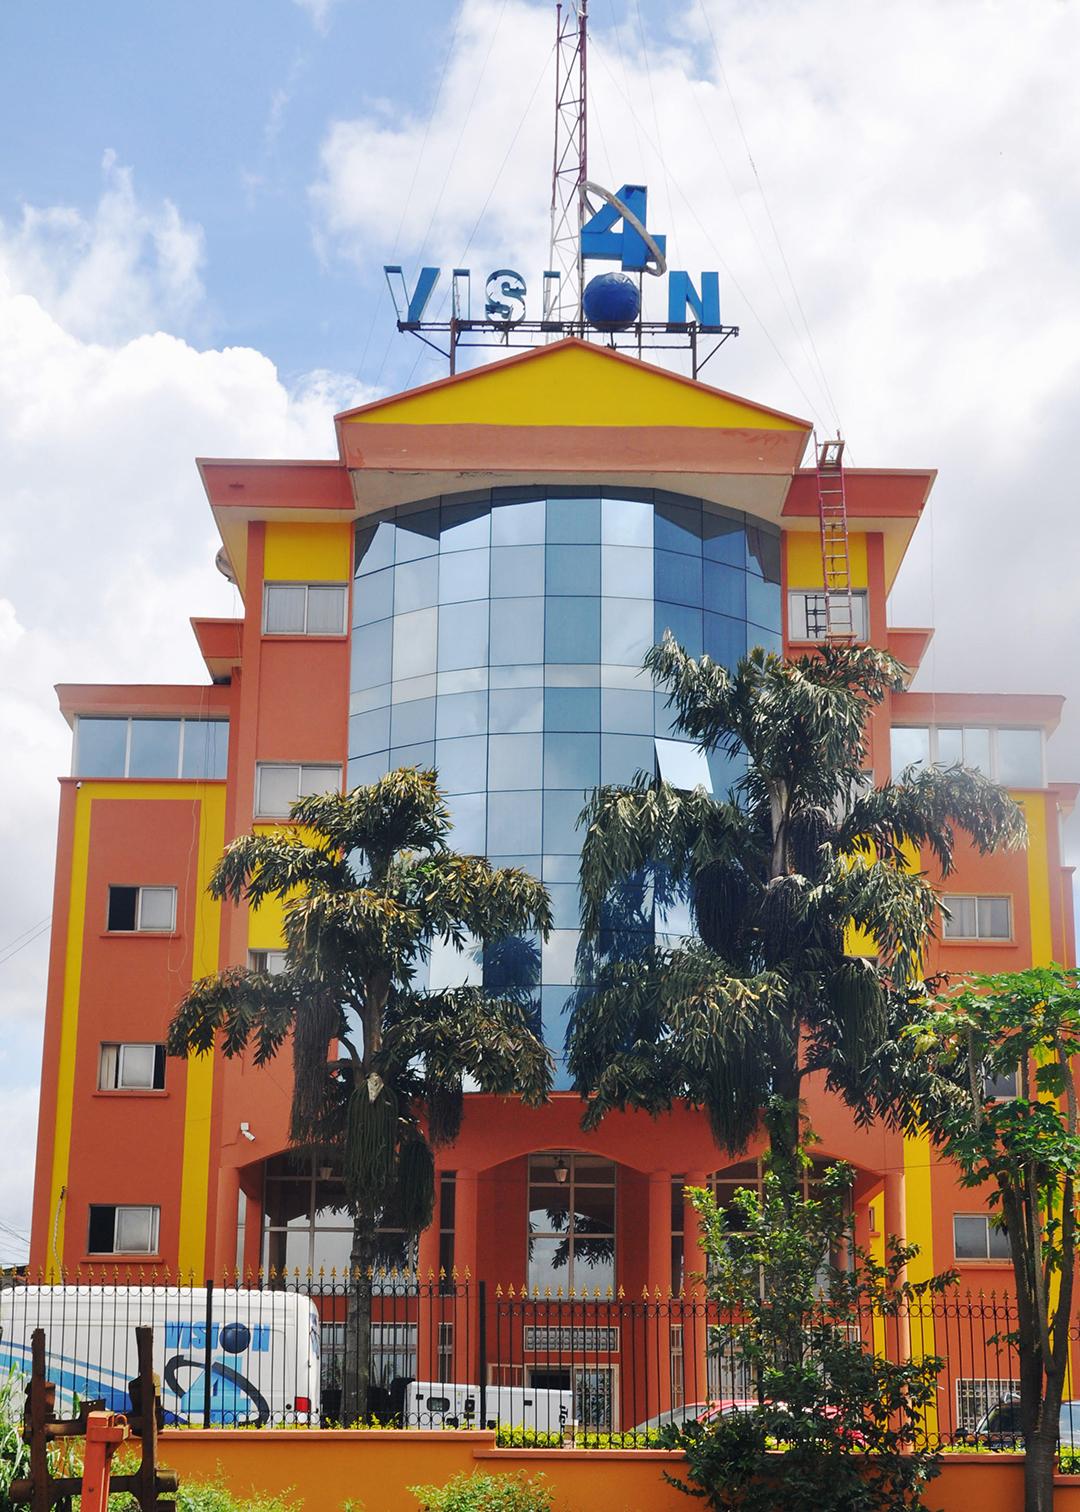 Le siège de Vision 4, à Yaoundé.